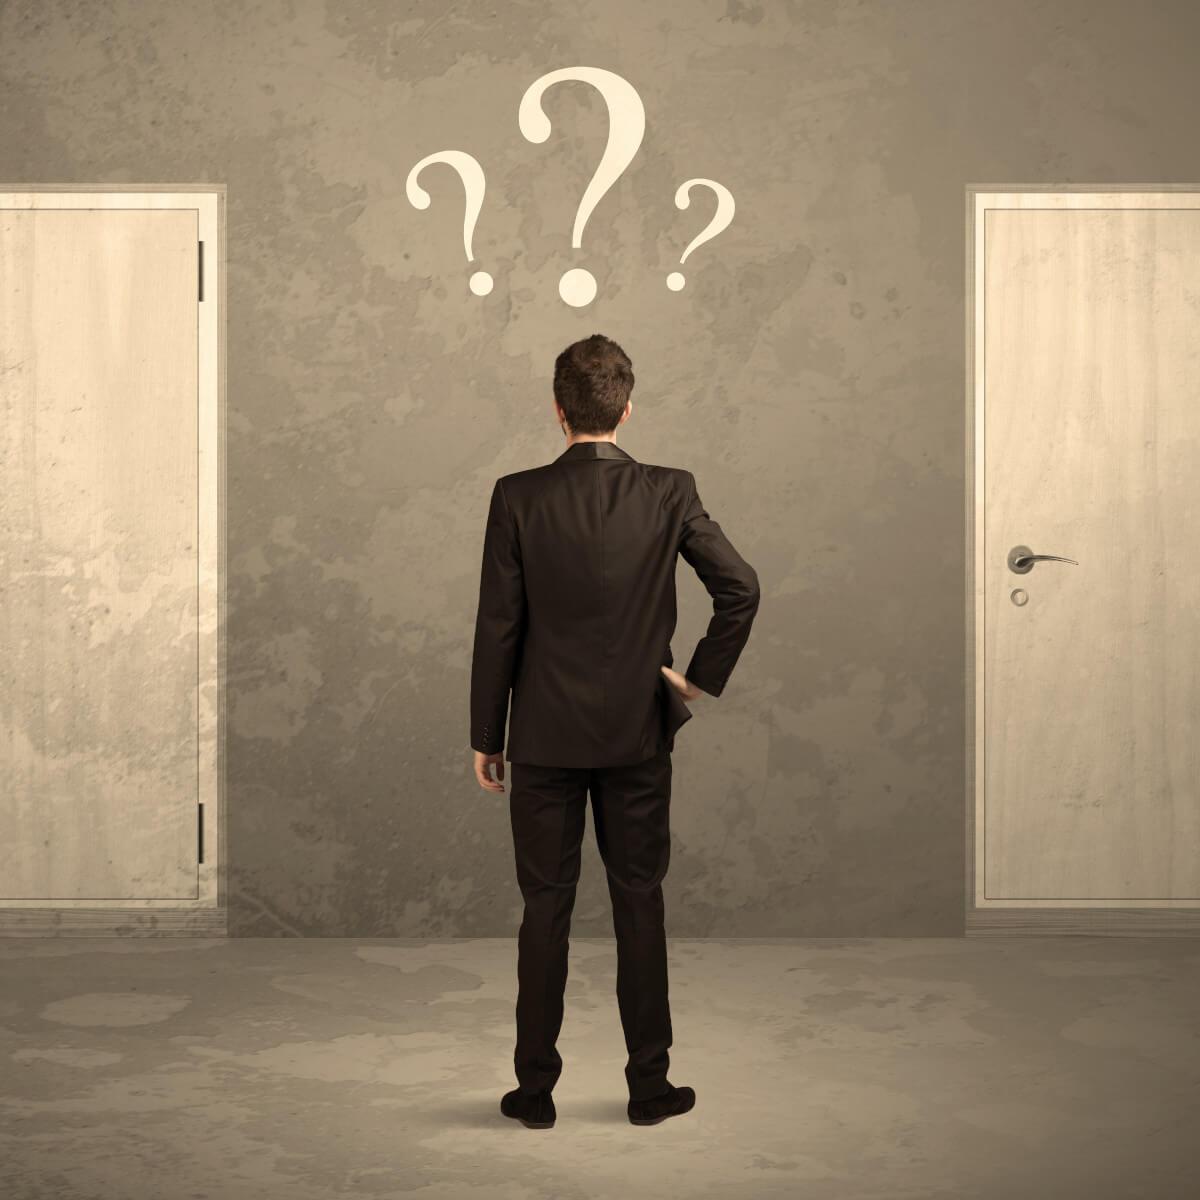 Mann im Anzug vor zwei Türen Entscheidung Jobsuche 2021